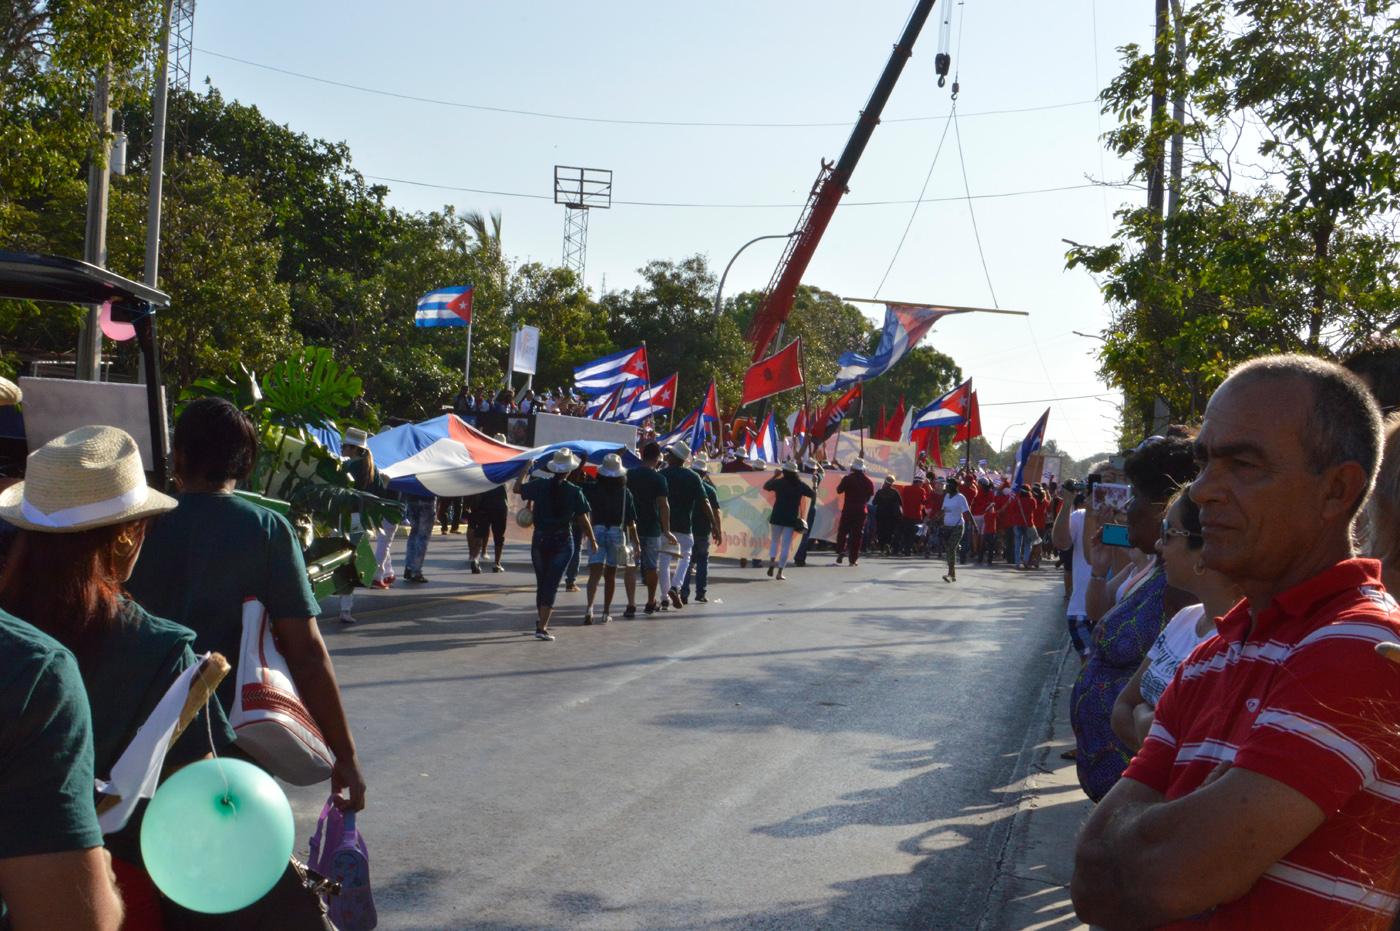 Varadero-May-Workers-Day-parade-people-watching.jpg